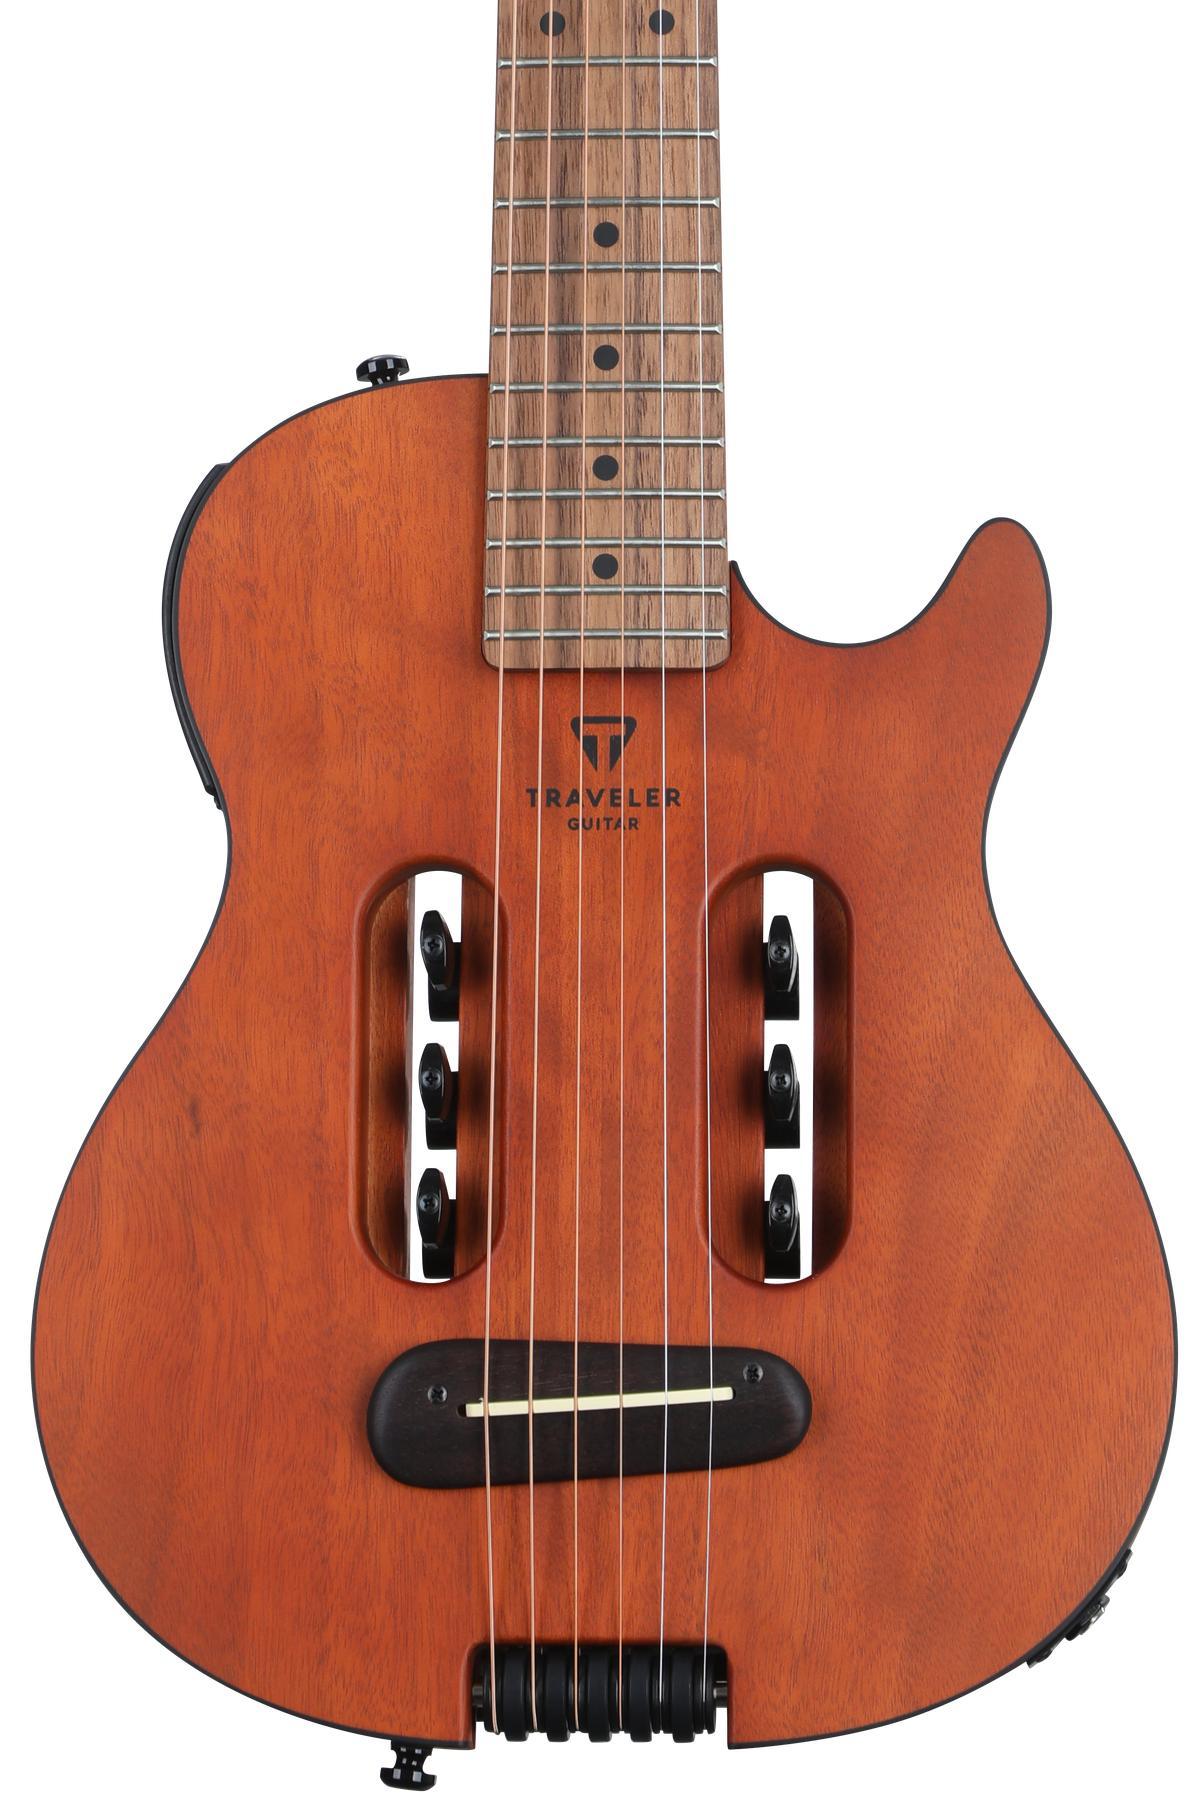 3. Traveler Guitar 6 String Escape Mark III